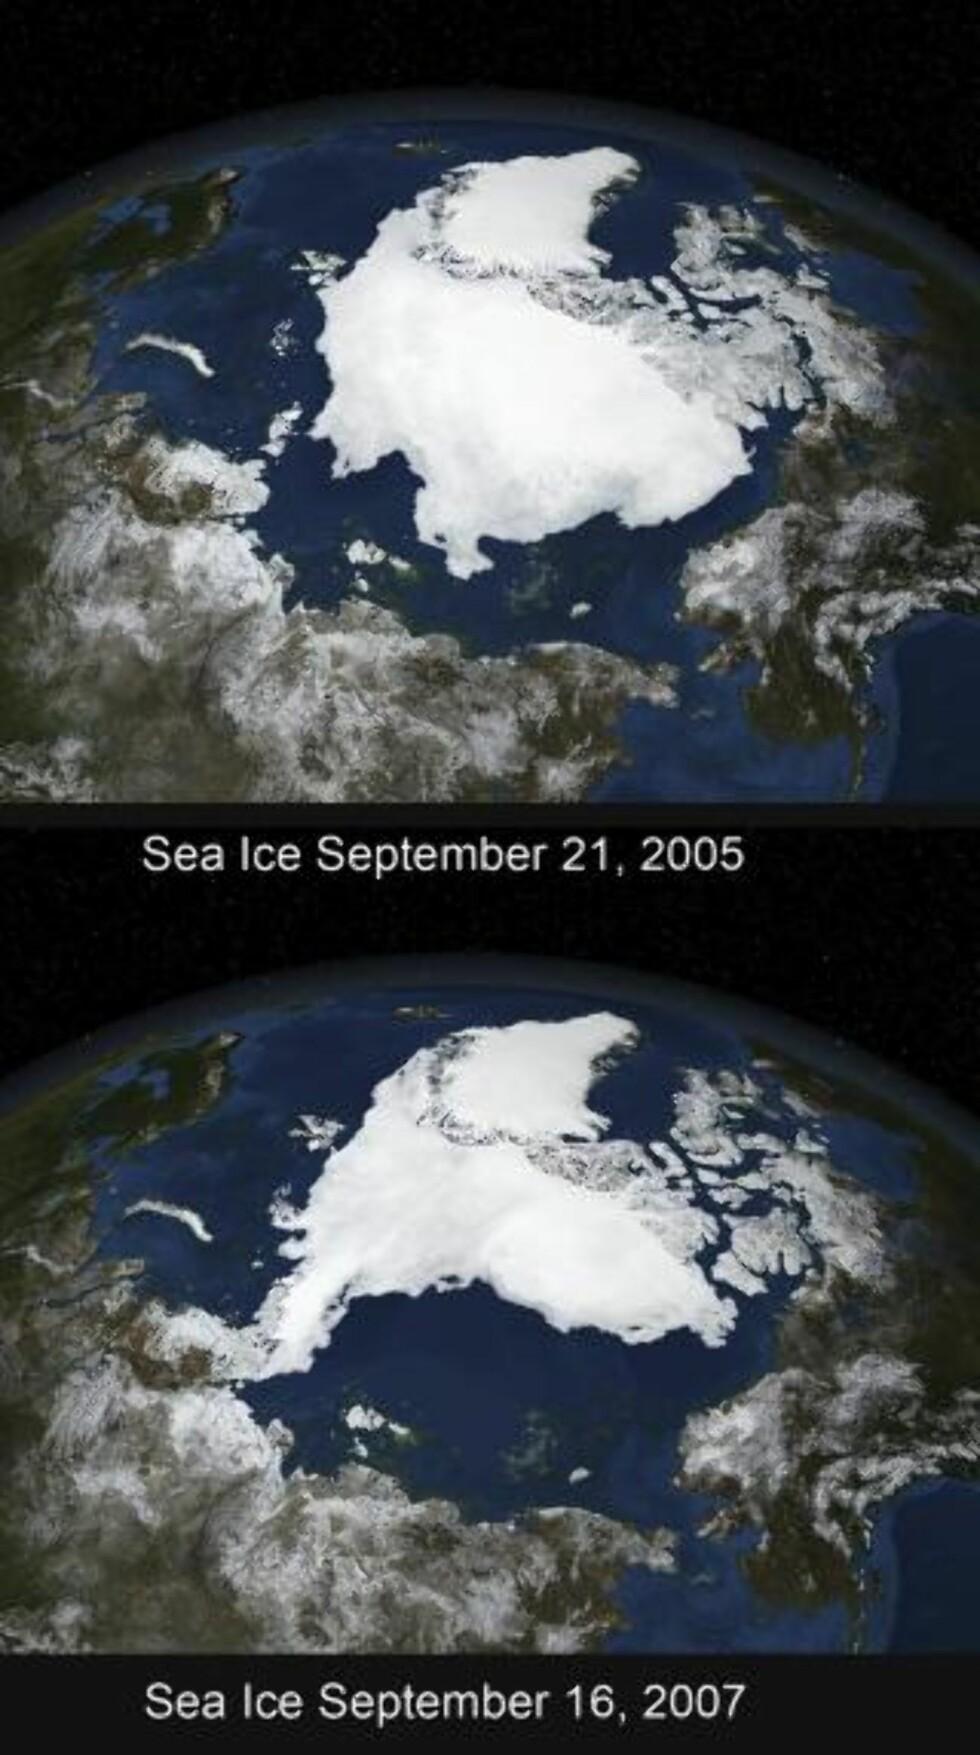 KRISEÅRET 2007: Bildene viser forskjellene i sommeris på Arktis mellom 2005 og 2007, som er det verste bunnåret siden målingene startet. Foto: REUTERS/NASA/Scanpix